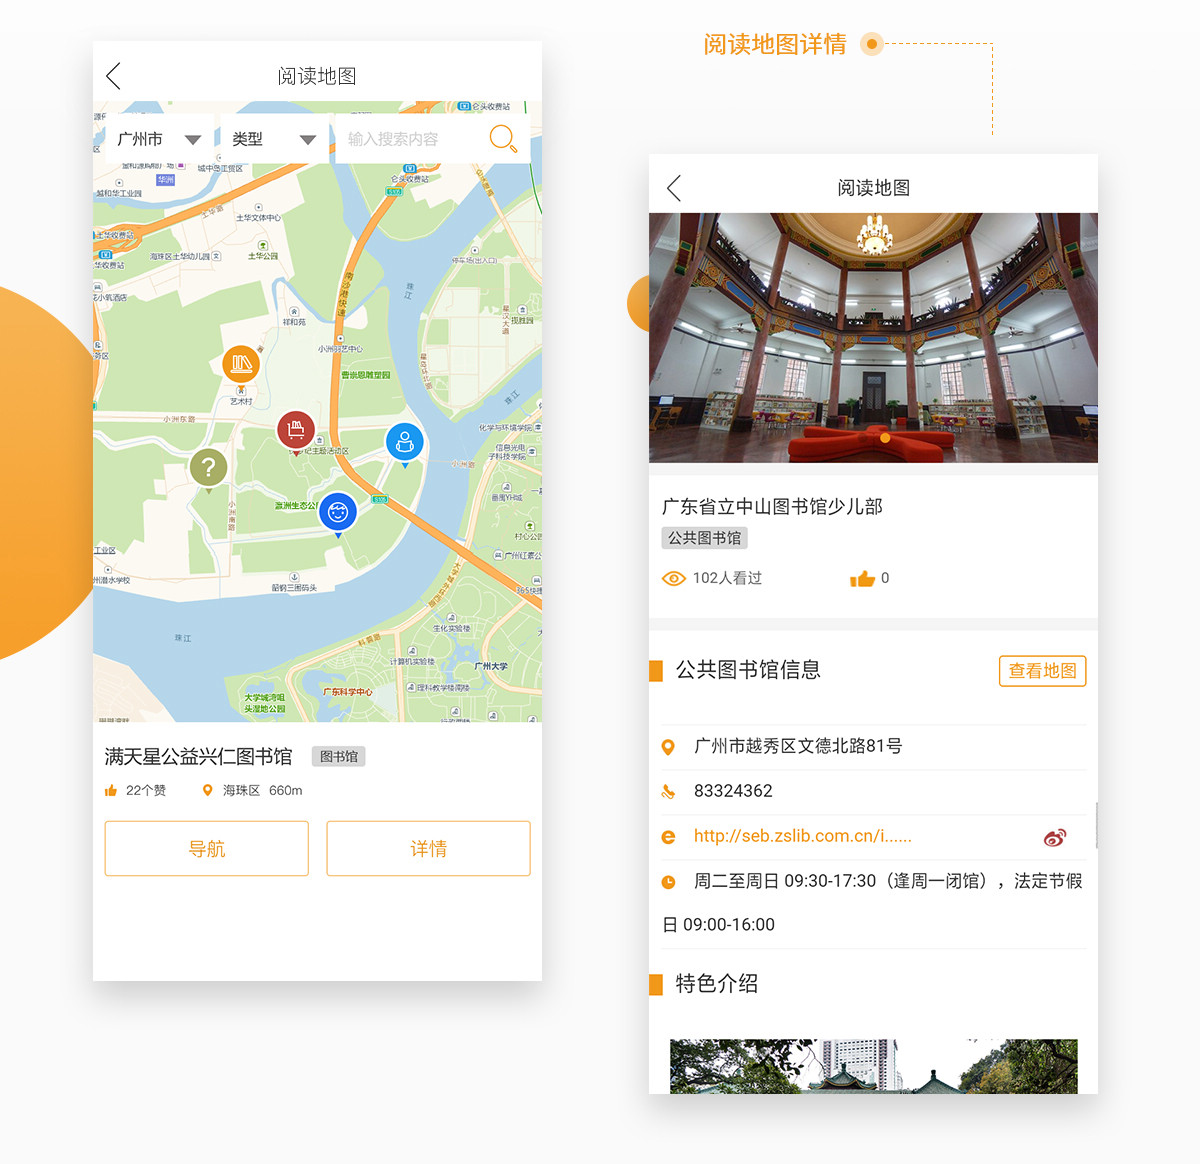 广州阅读地图